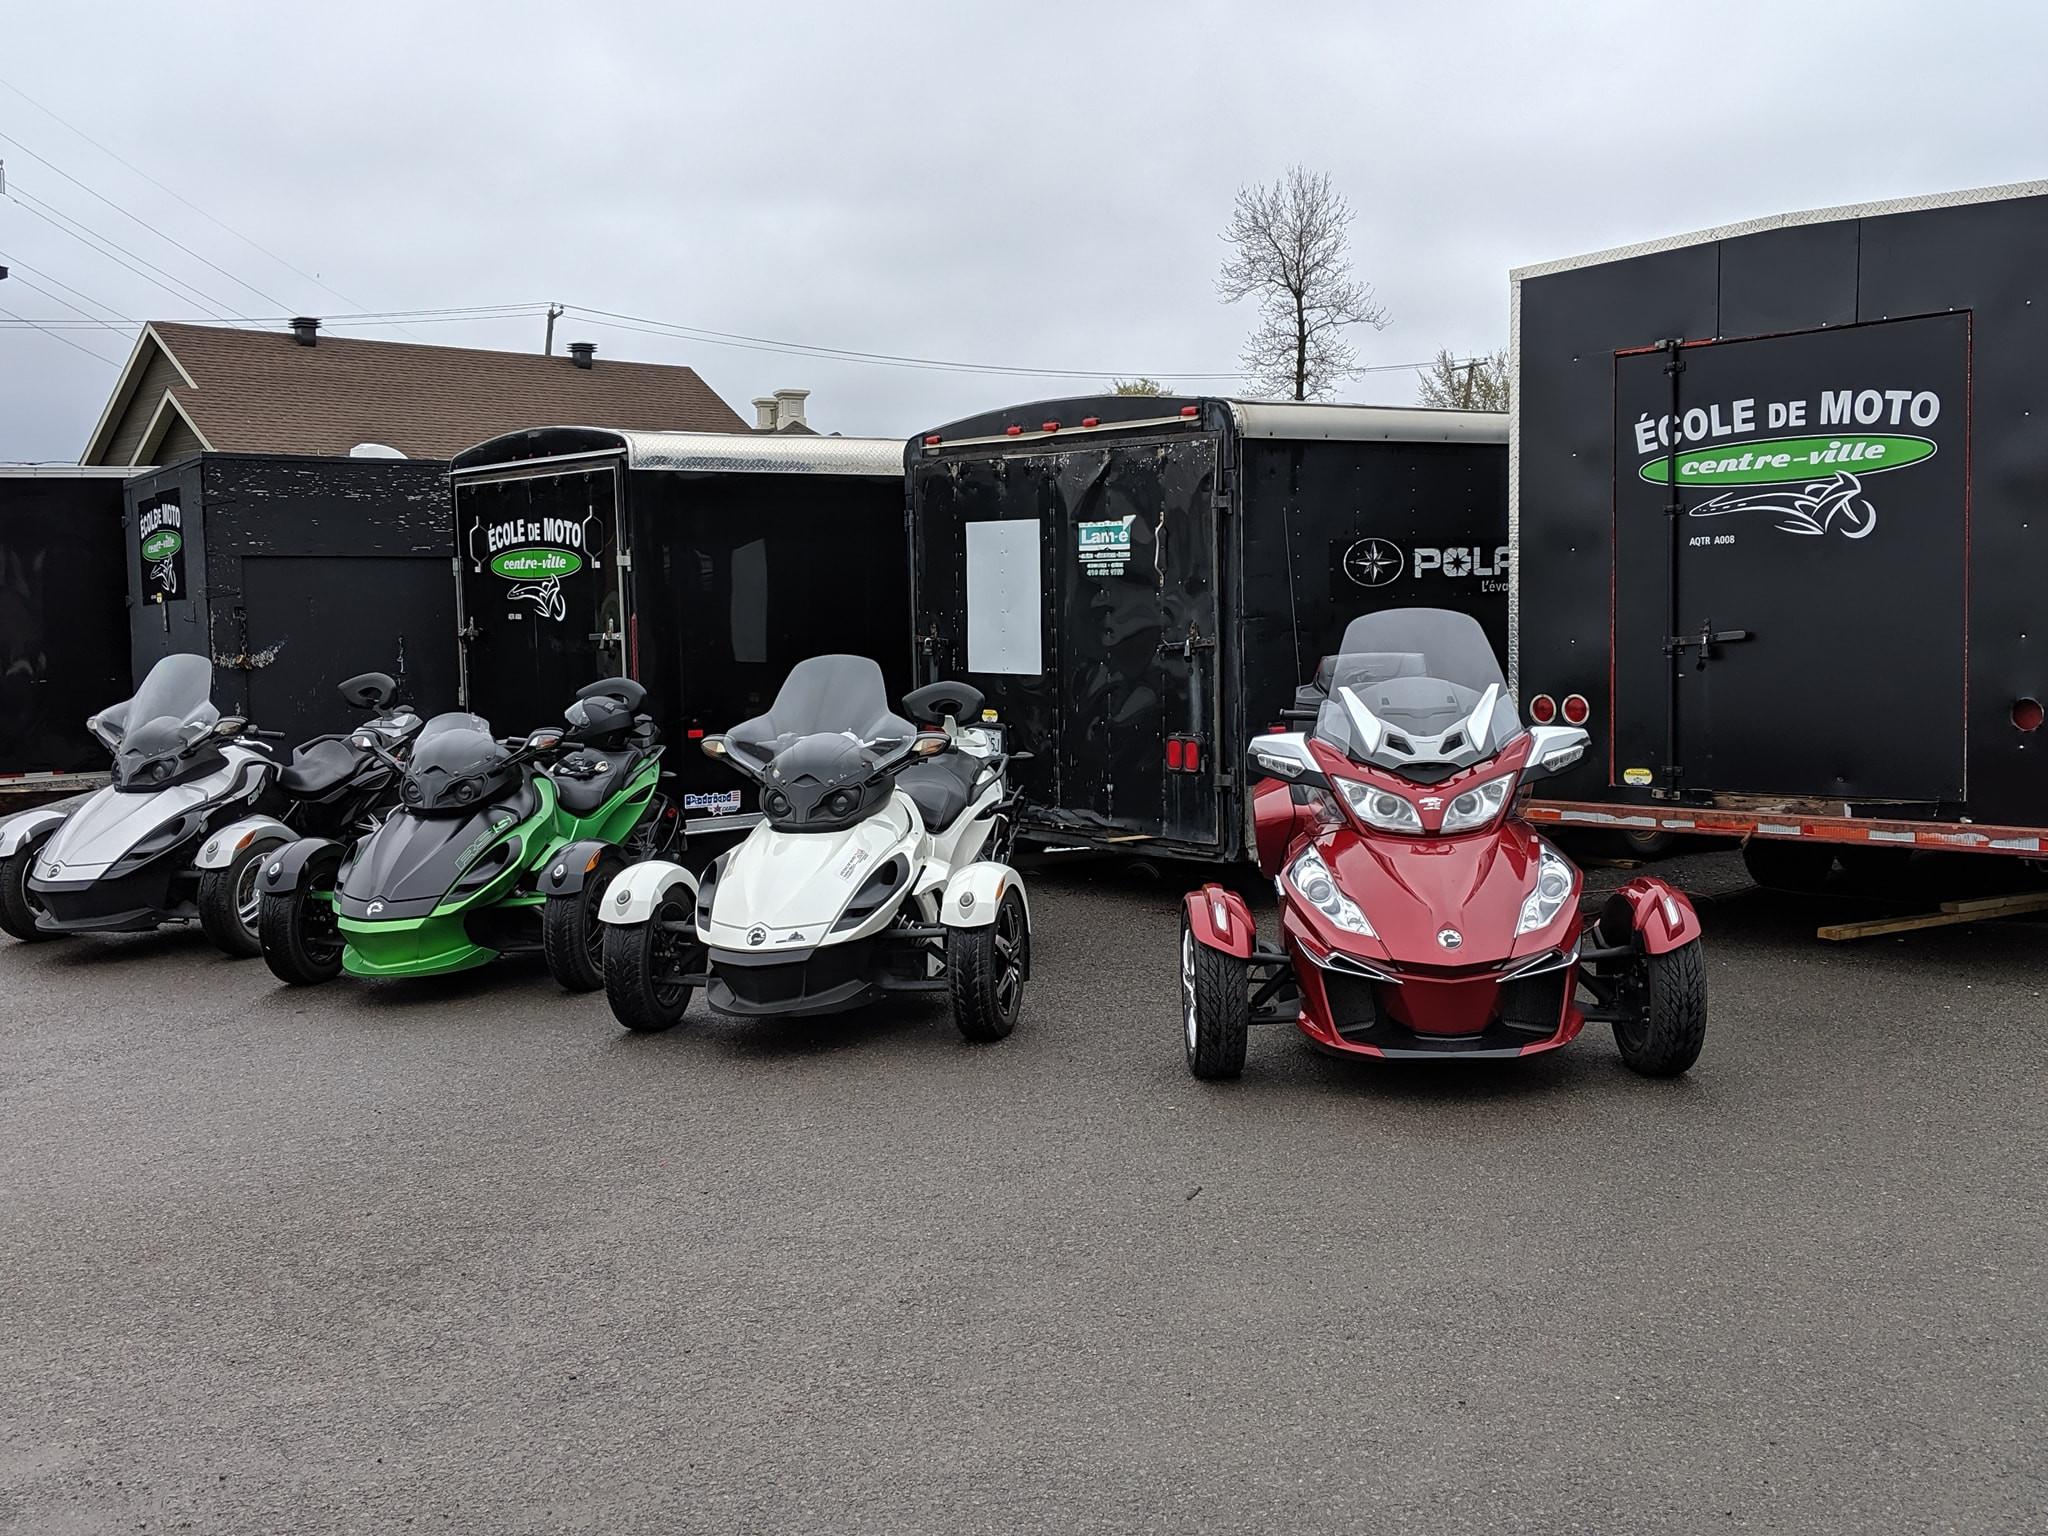 Cours de moto 3-roues